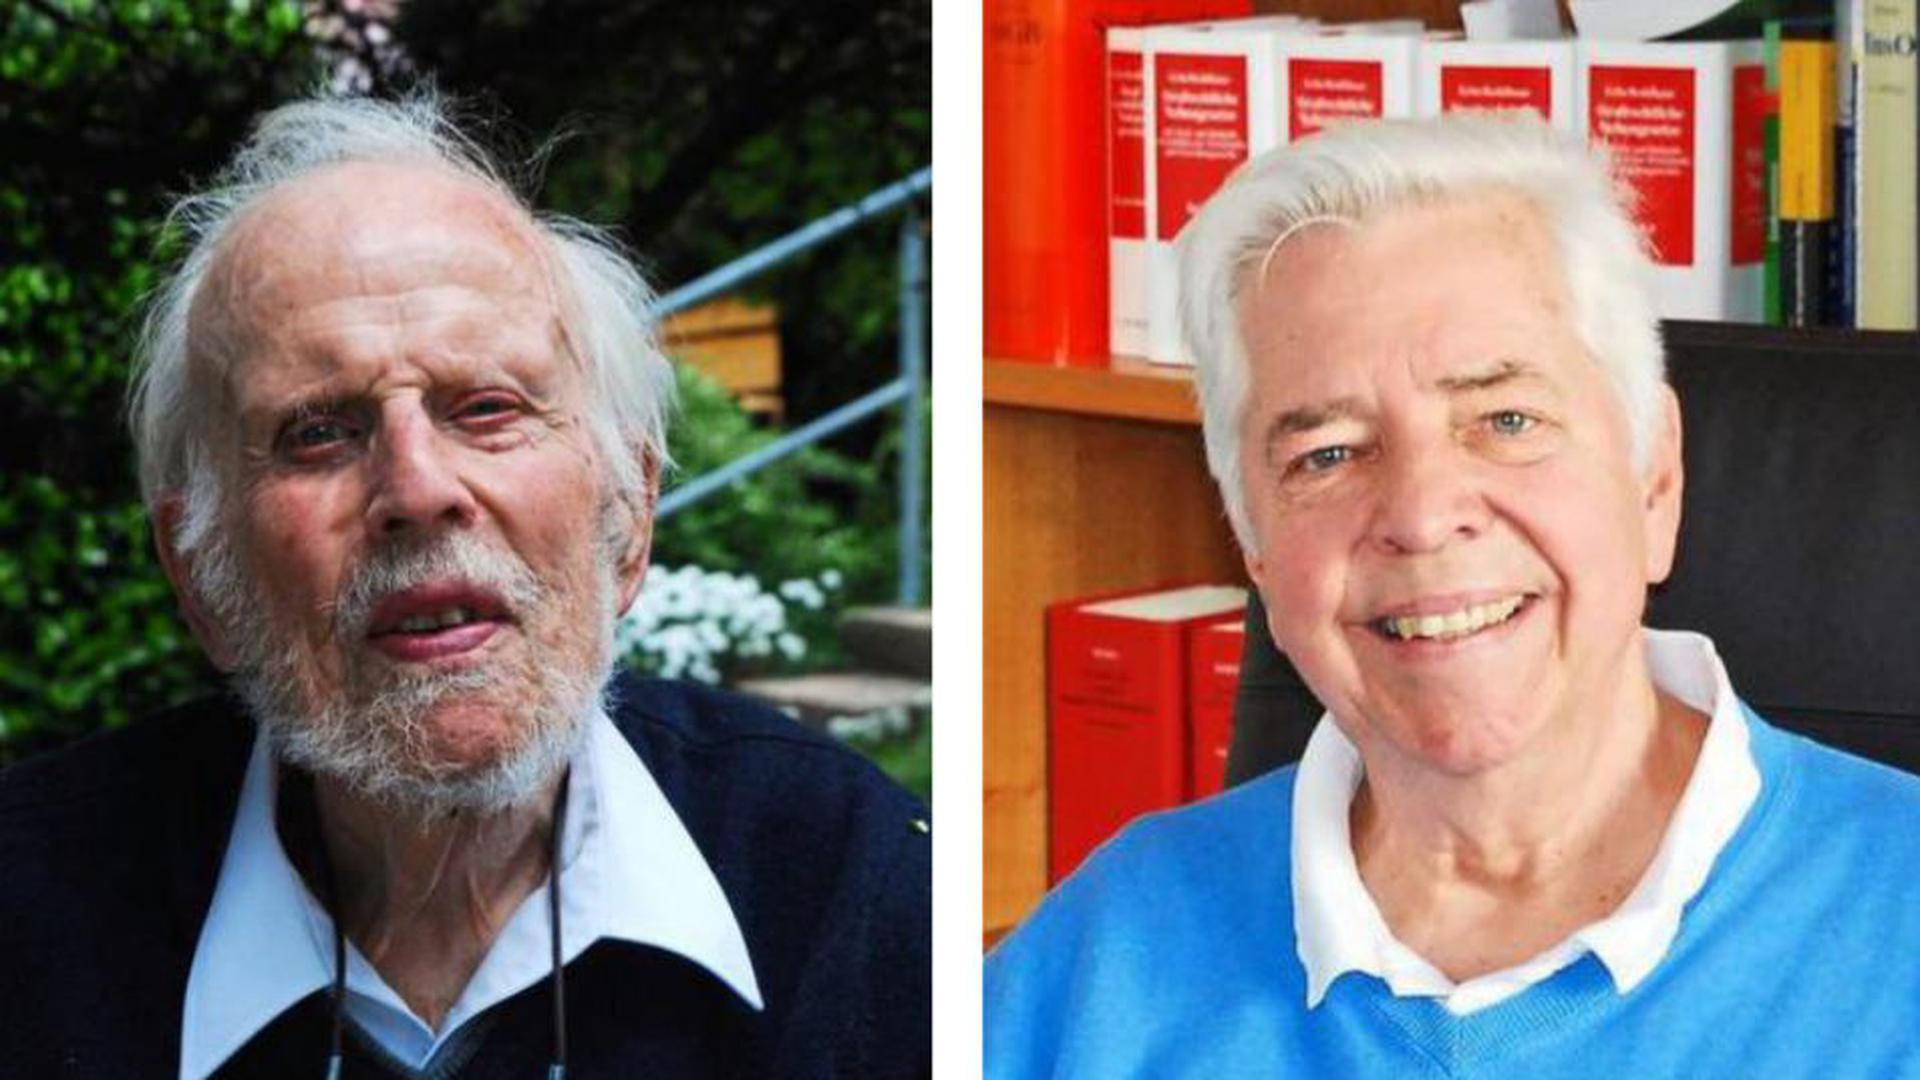 Eine Frage der Verhältnismäßigkeit: Der ehemalige Spiegel-Korrespondent Rolf Lamprecht (links) und der Bühler Ehrenbürger Jan Ernest Rassek sehen die Corona-Pandemie als Ausnahmesituation, die Grundrechtseinschränkungen zulässt